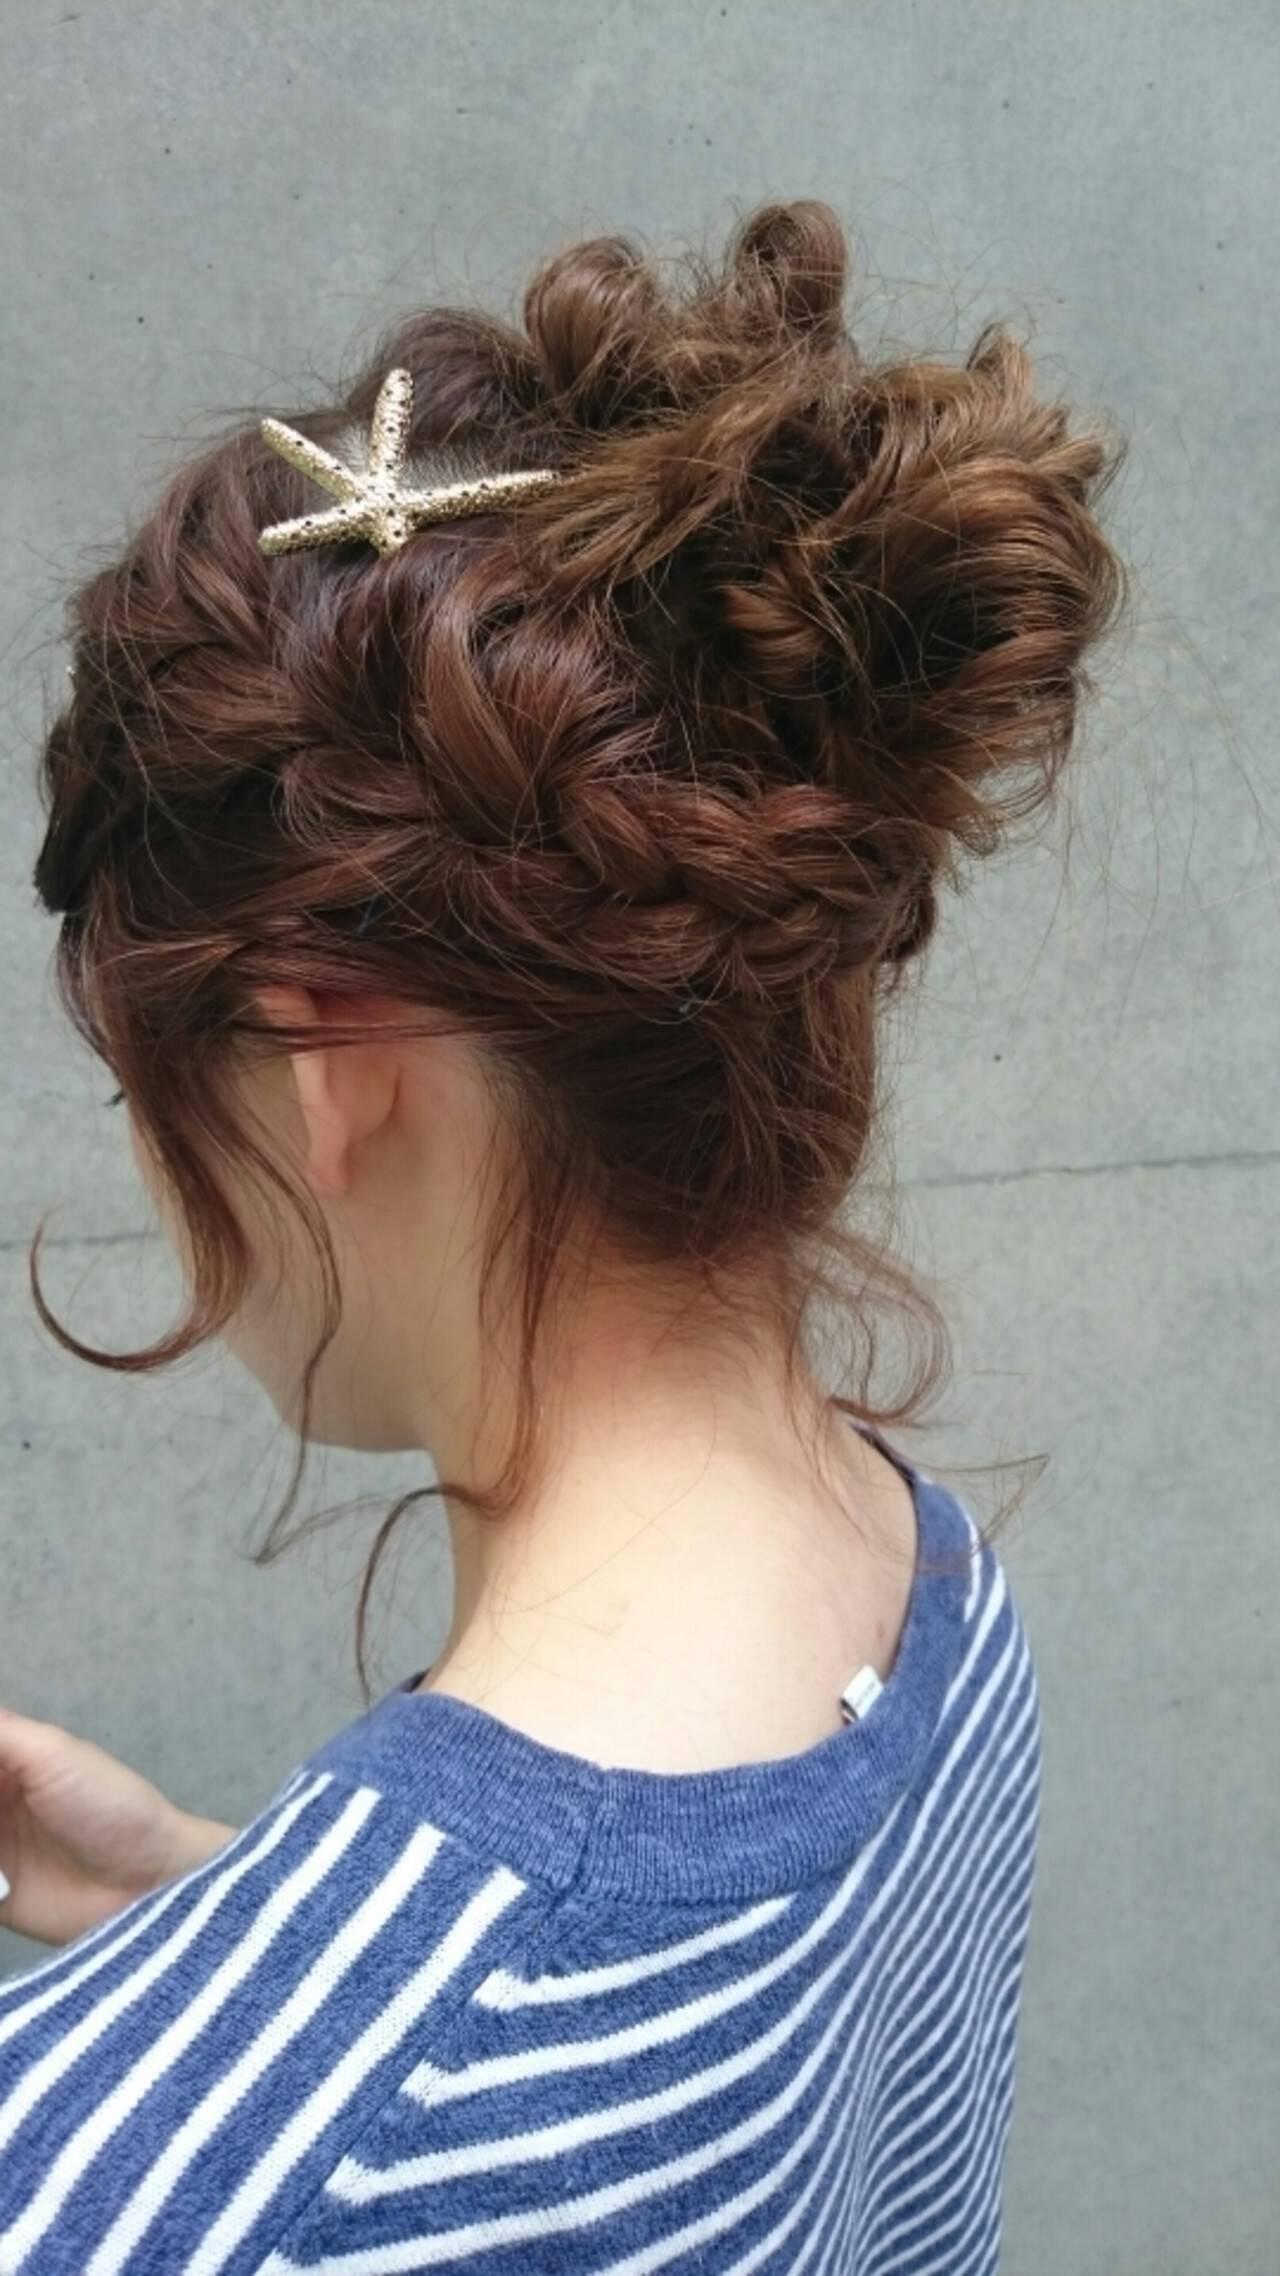 ヘアアレンジ ナチュラル かわいい ミディアムヘアスタイルや髪型の写真・画像